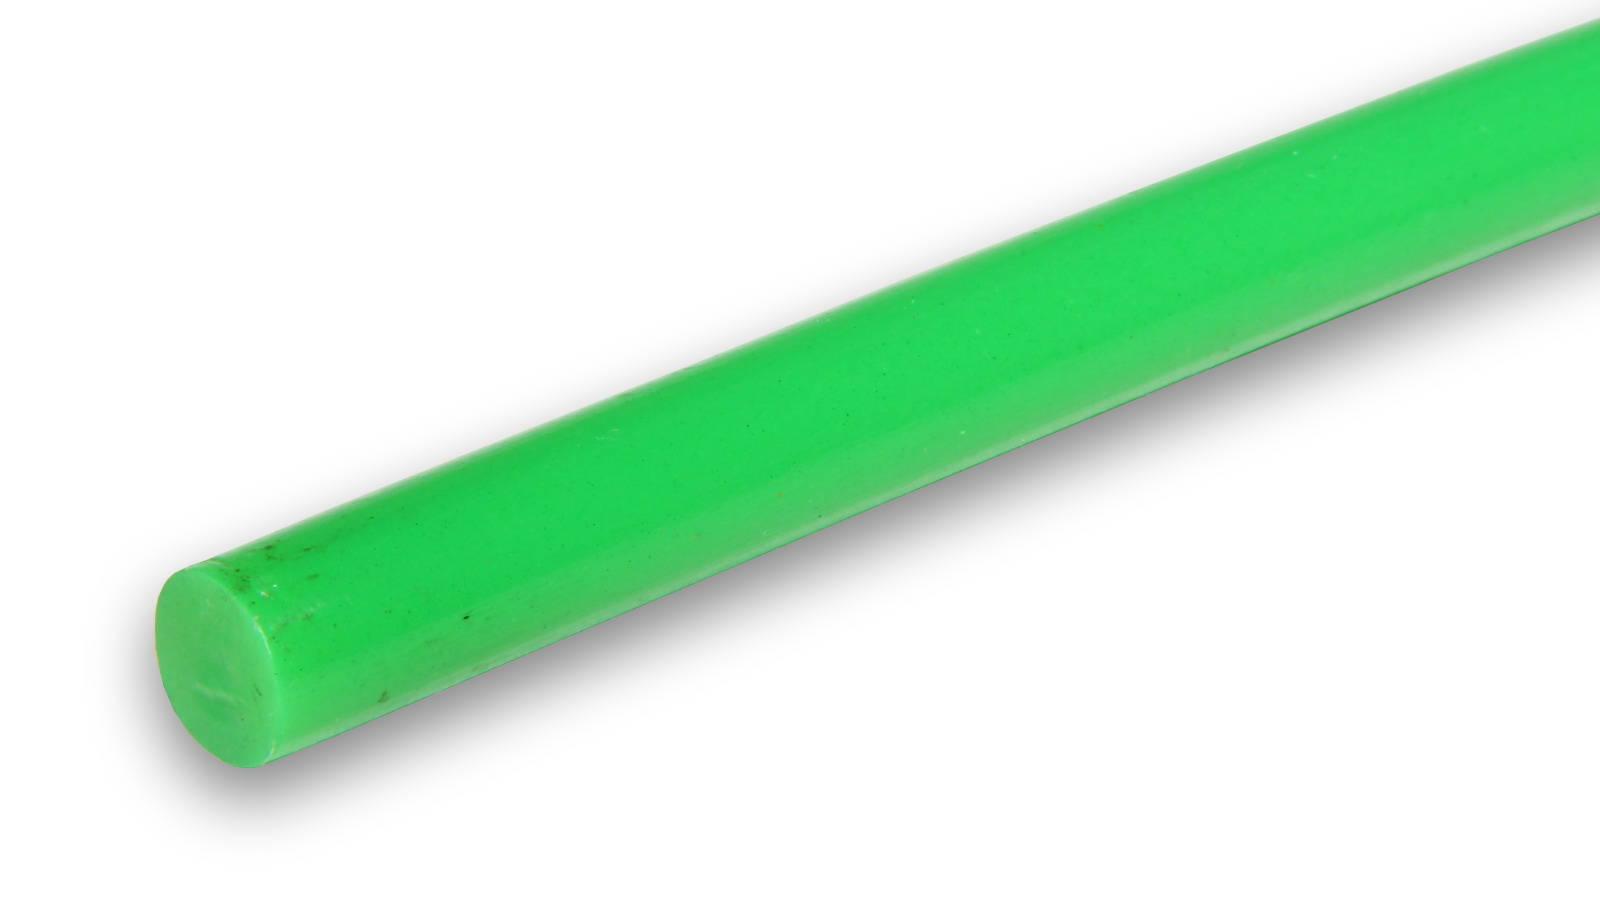 Tyčinka do tavné pistole zelená průměr 11mm 35ks(1kg)